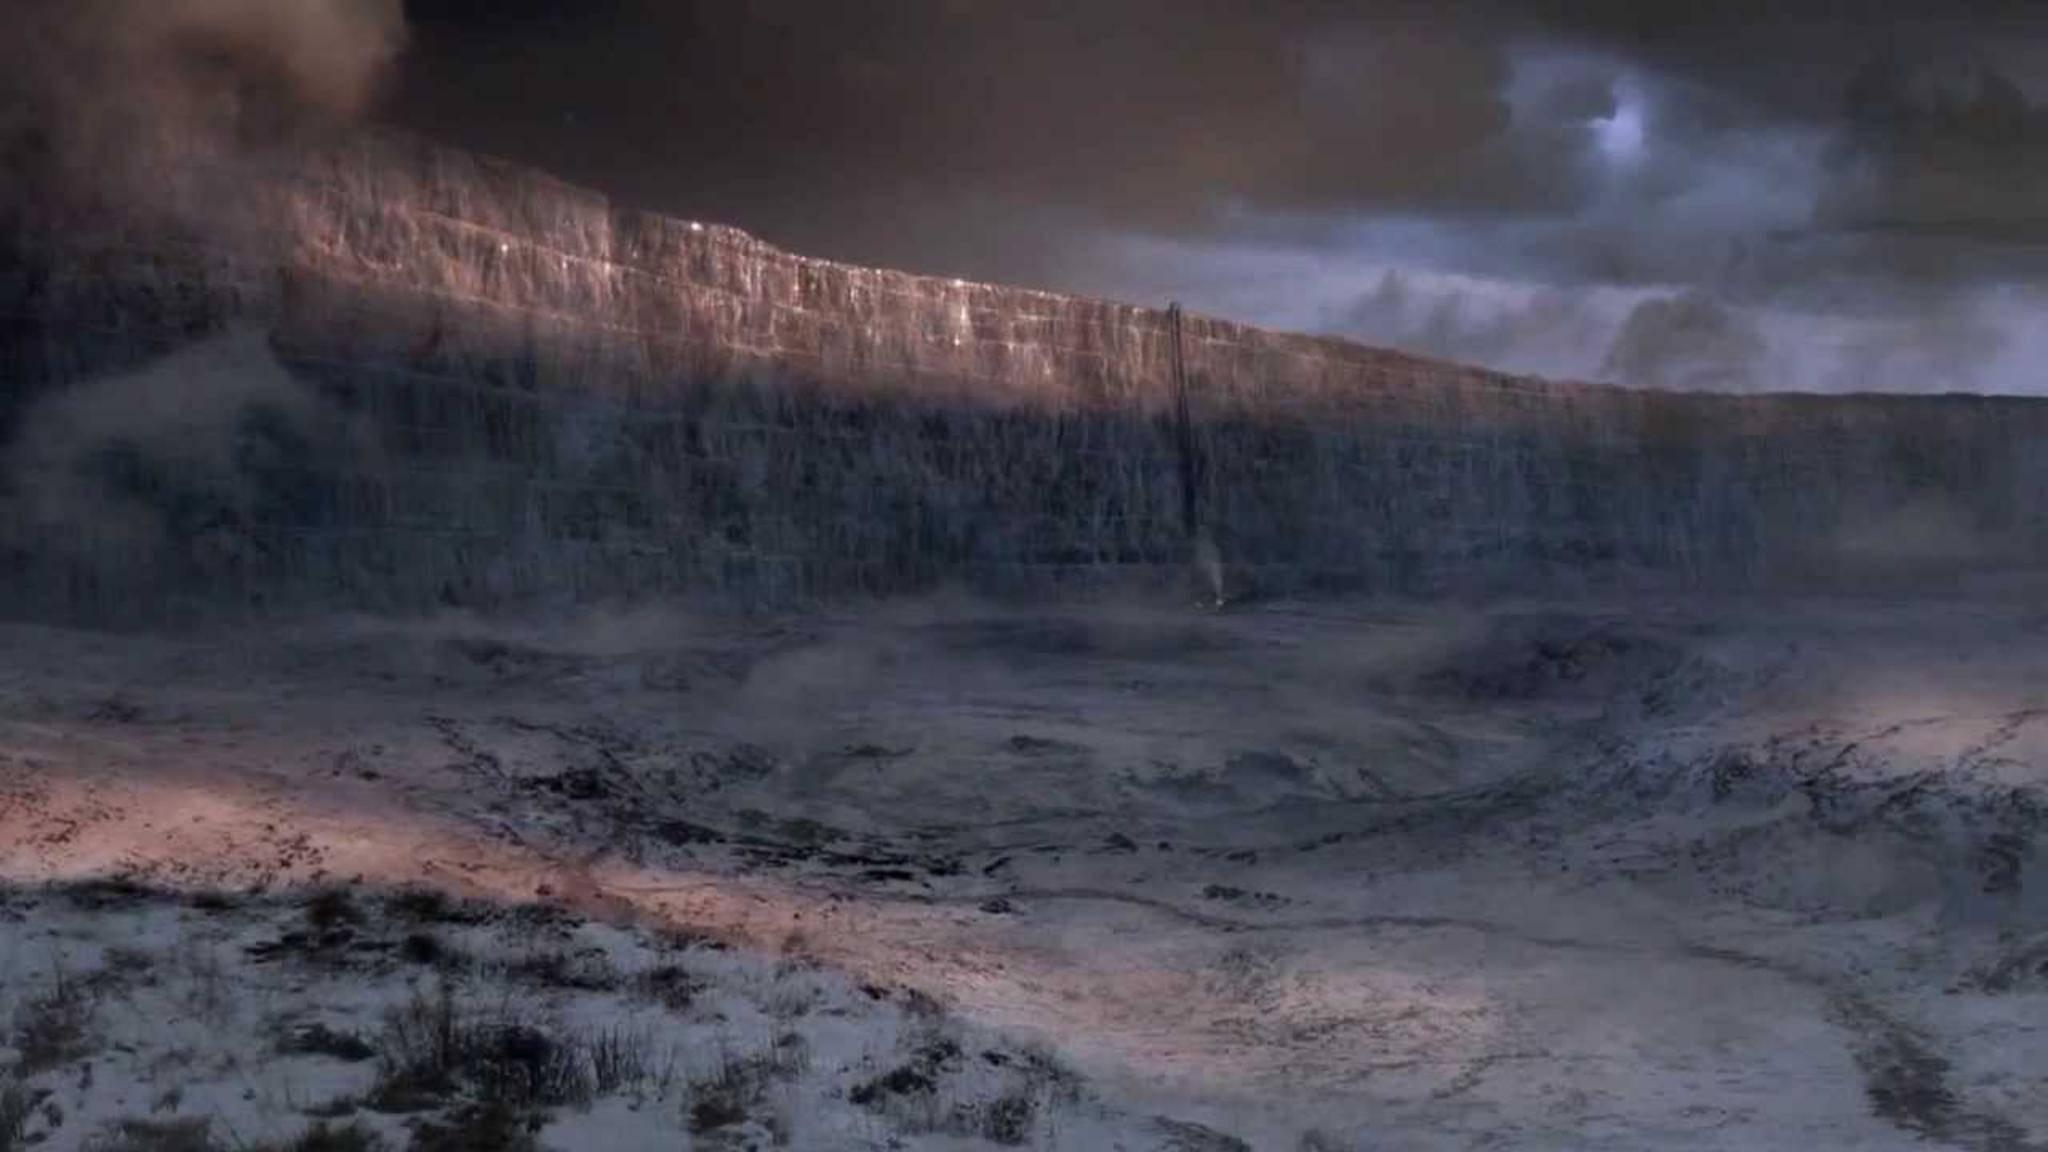 Die Mauer steht im hohen Norden von Westeros.